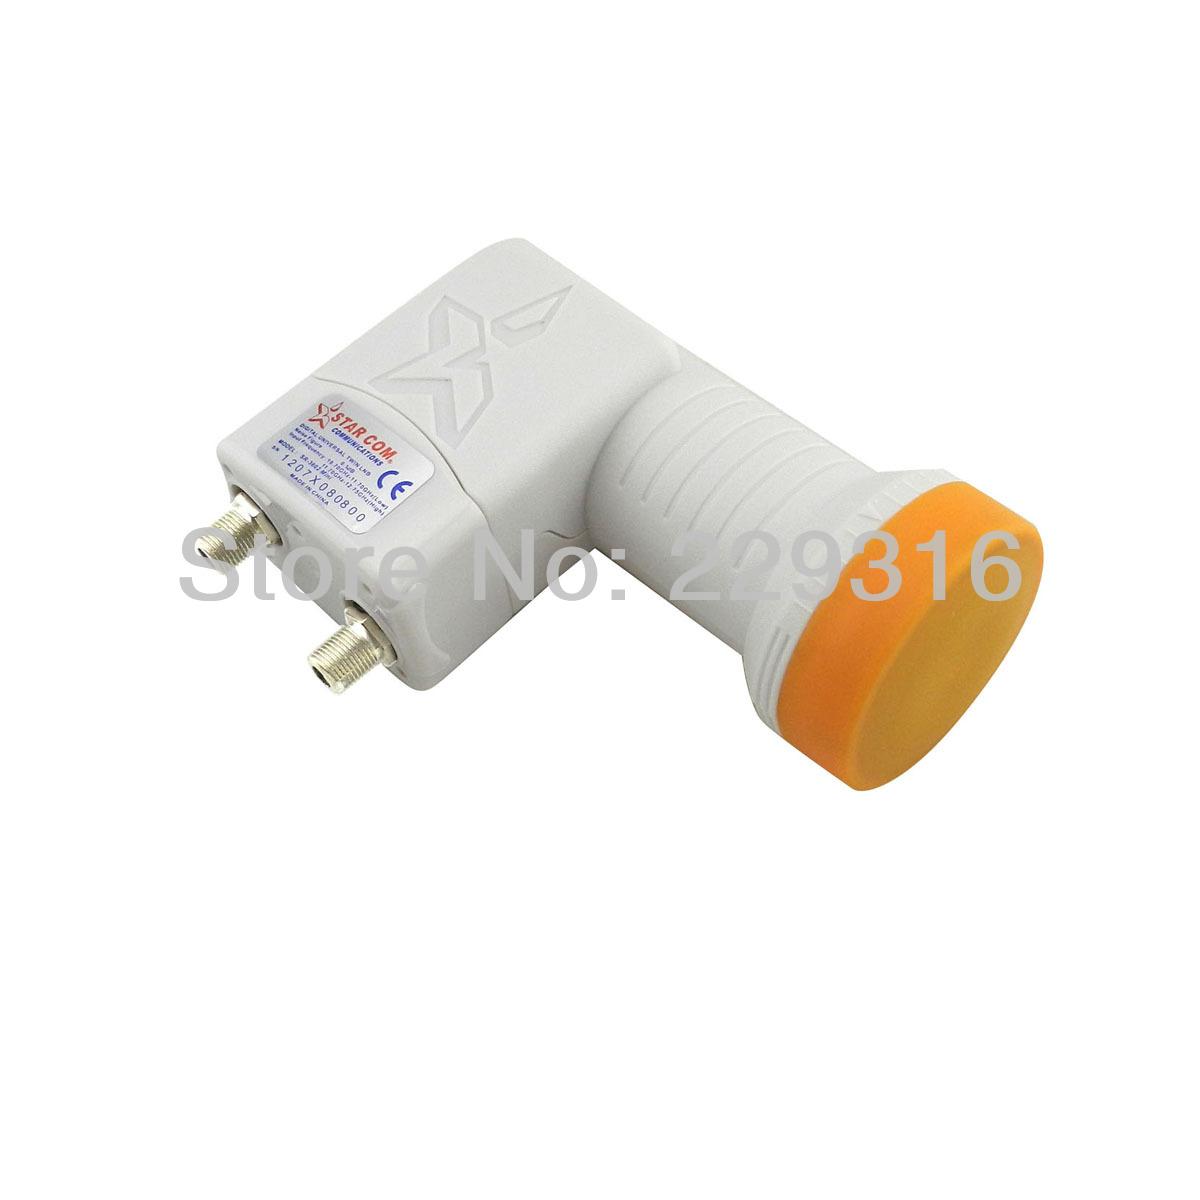 5pcs/ lot, digital ku-band quad LNB/lnbf Universal Ku band Quad LNBF 2 output free shiping(China (Mainland))